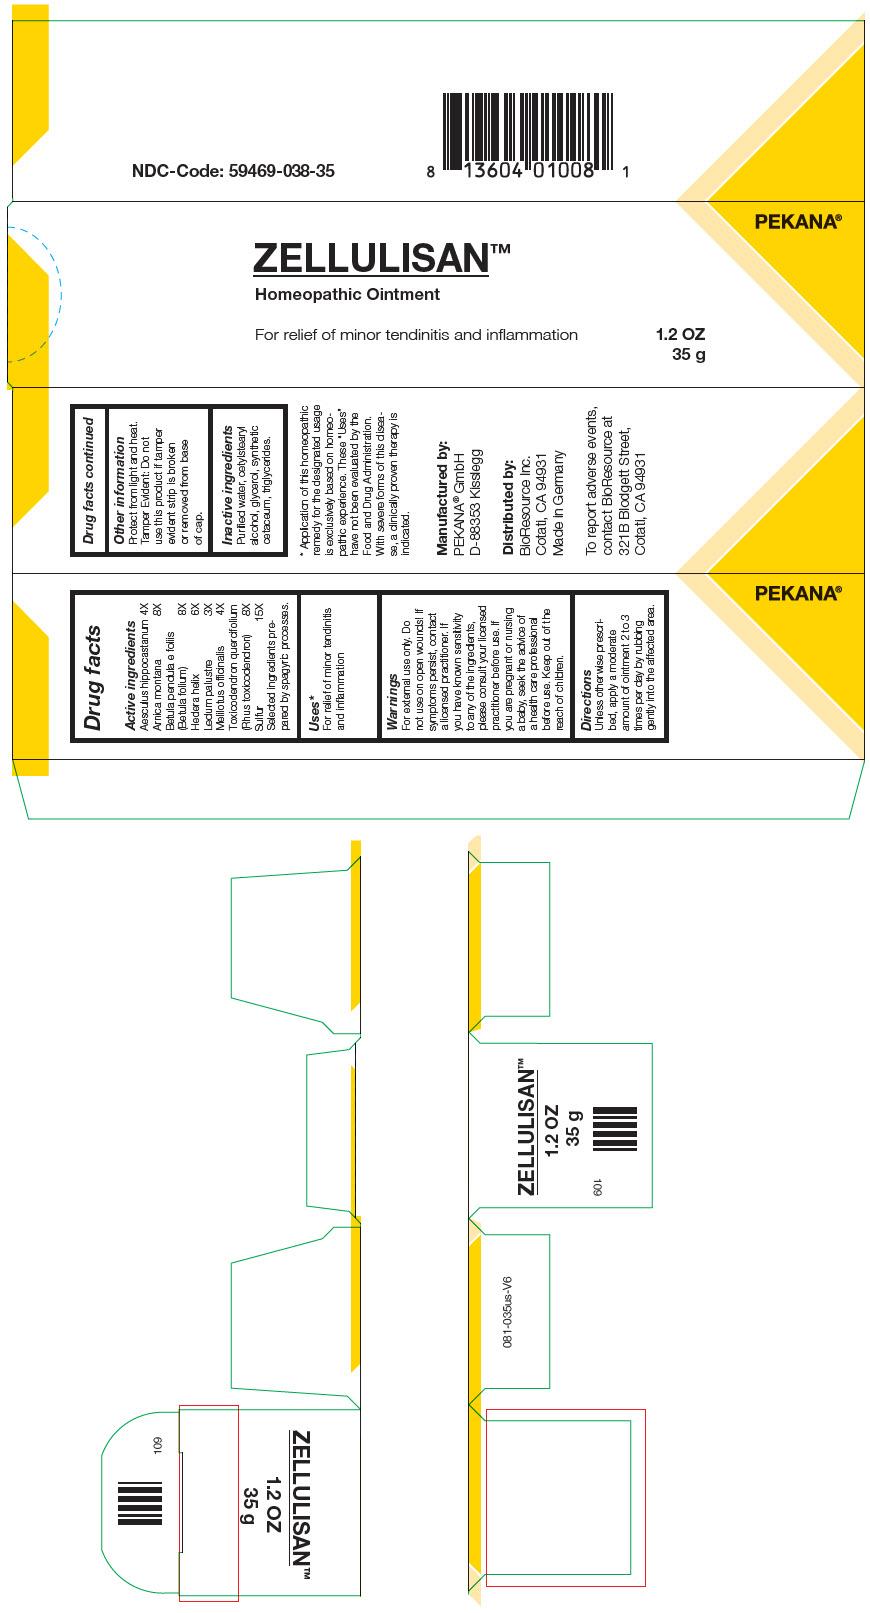 PRINCIPAL DISPLAY PANEL - 35 g Tube Carton